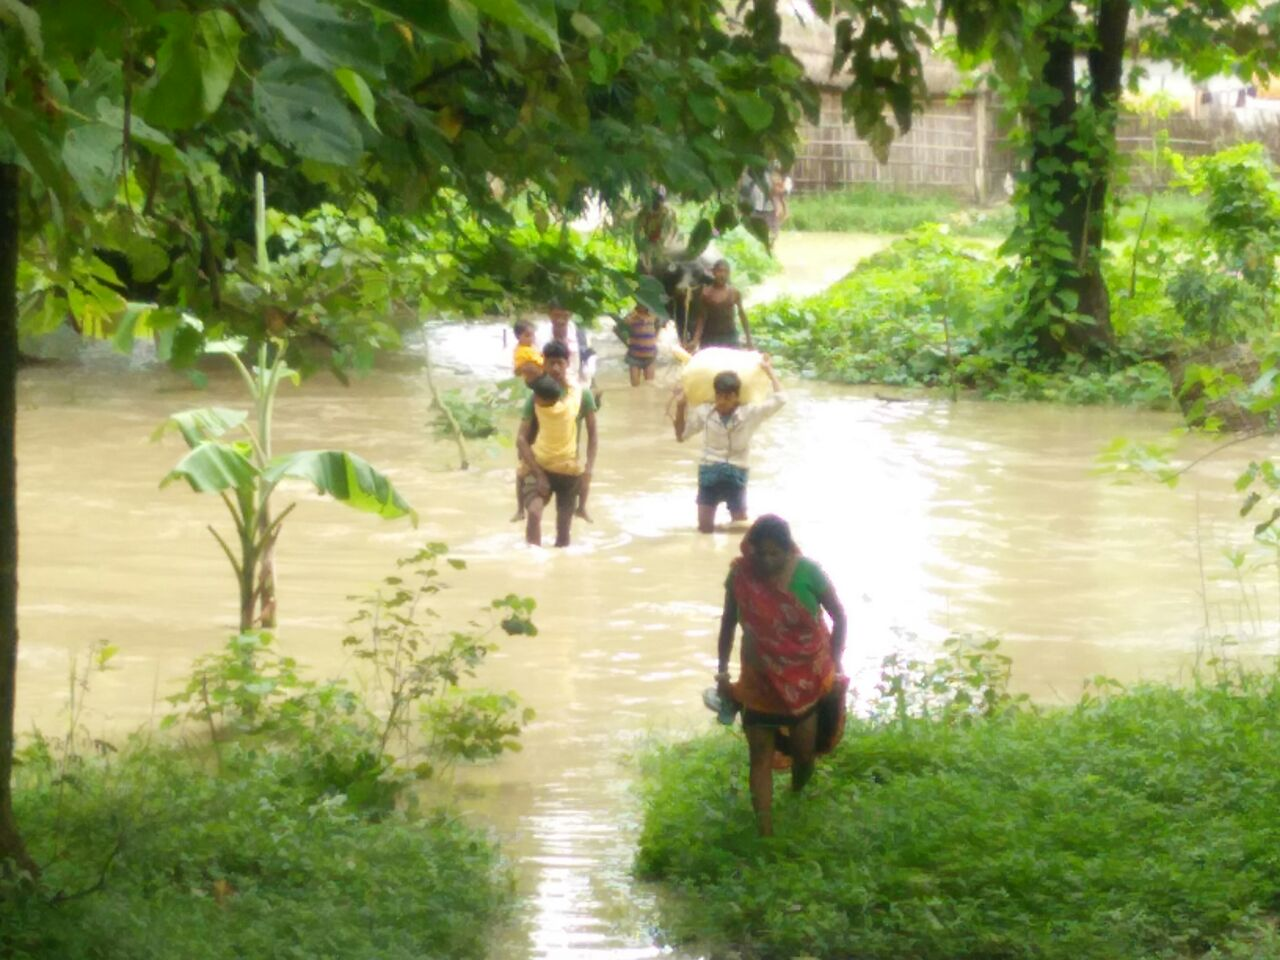 बिहार : उद्घाटन से पहले ही टूटा भागलपुर का नवनिर्मित बांध, दिखा बाढ़ सा नजारा